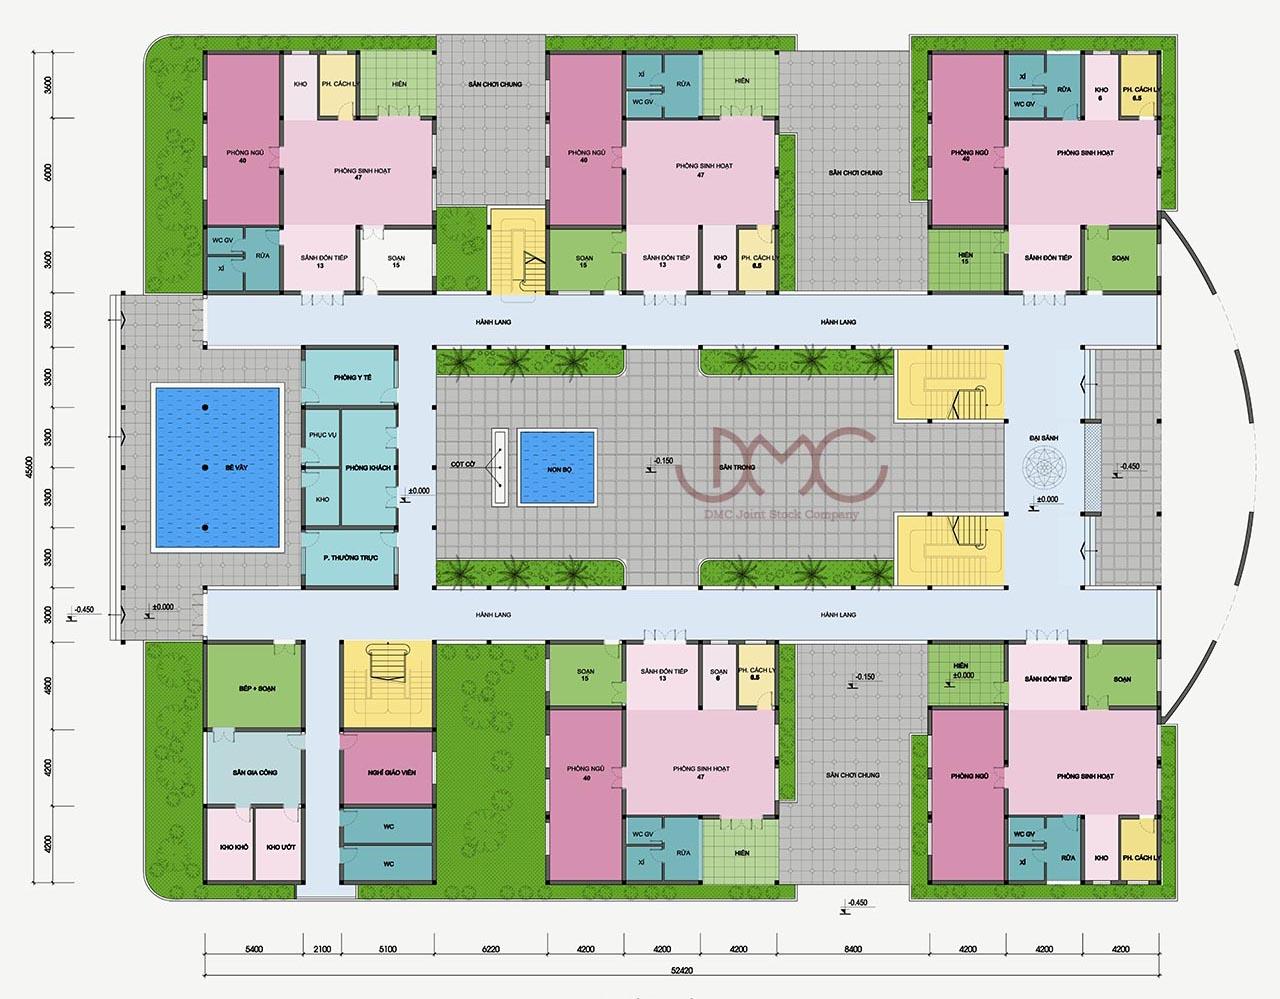 Mặt bằng tầng 1 - Thiết kế trung tâm thương mại Hải Hà